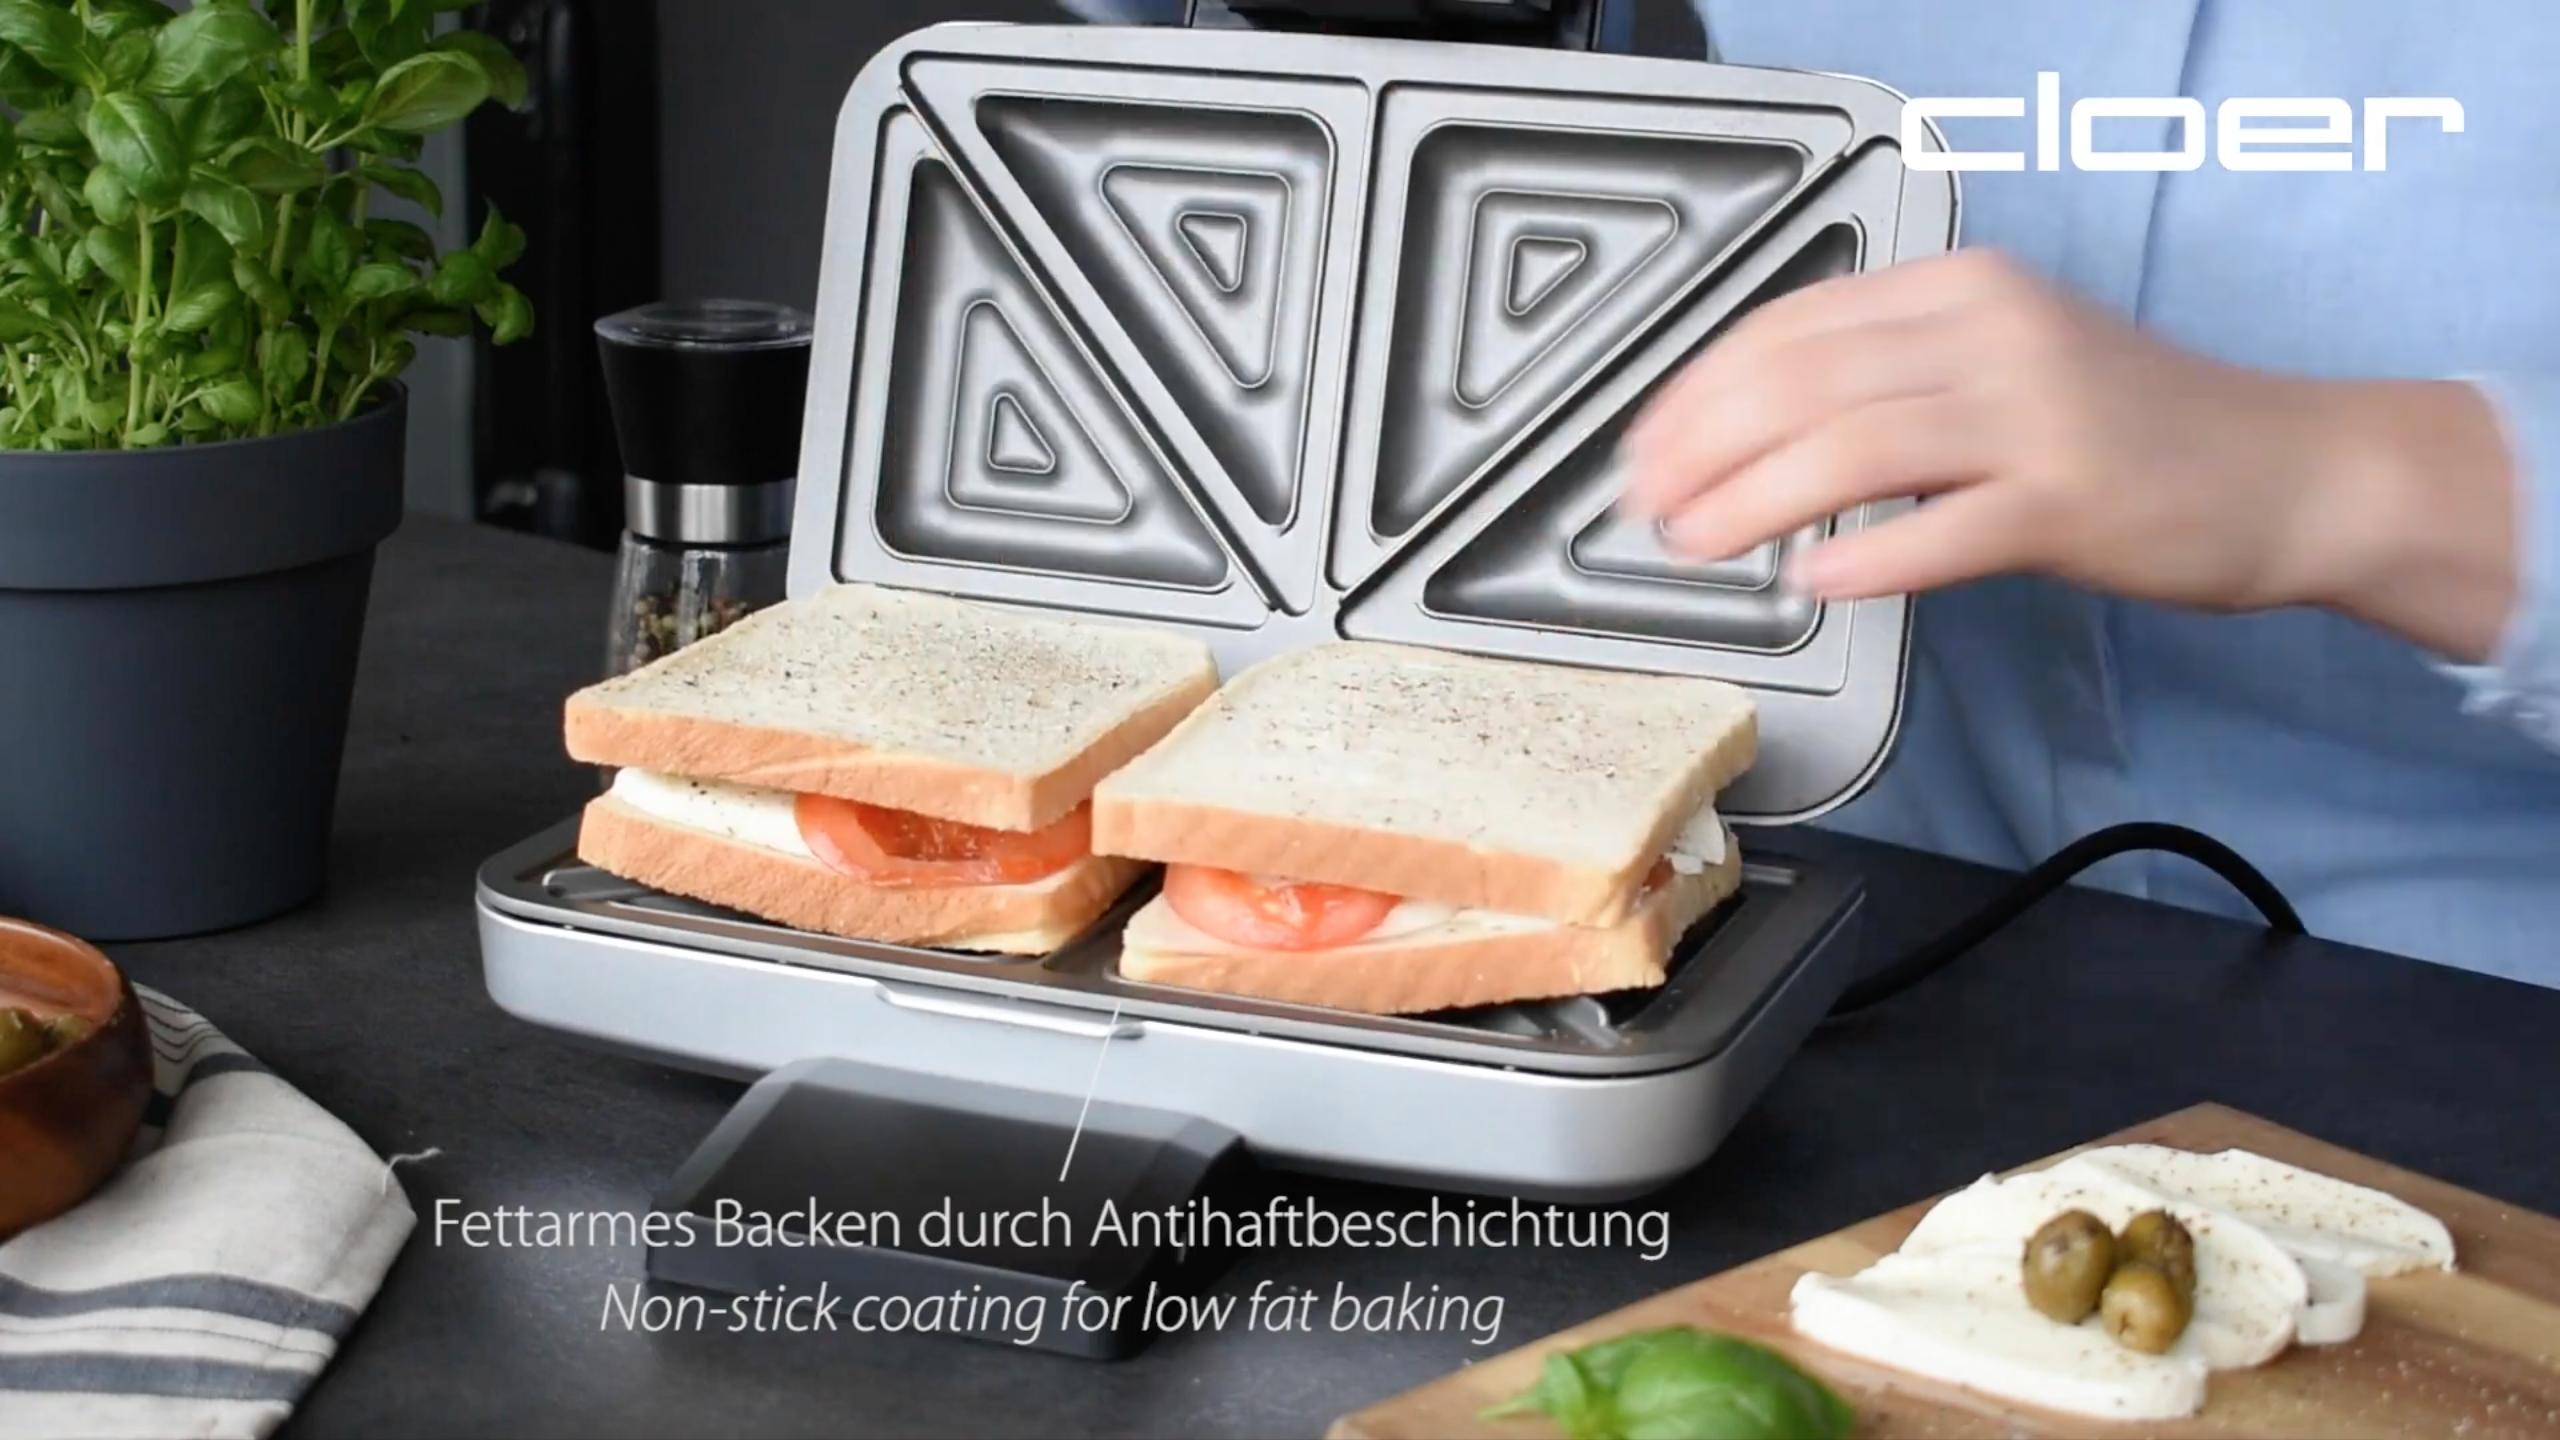 Cloer 6259 Sandwichmaker